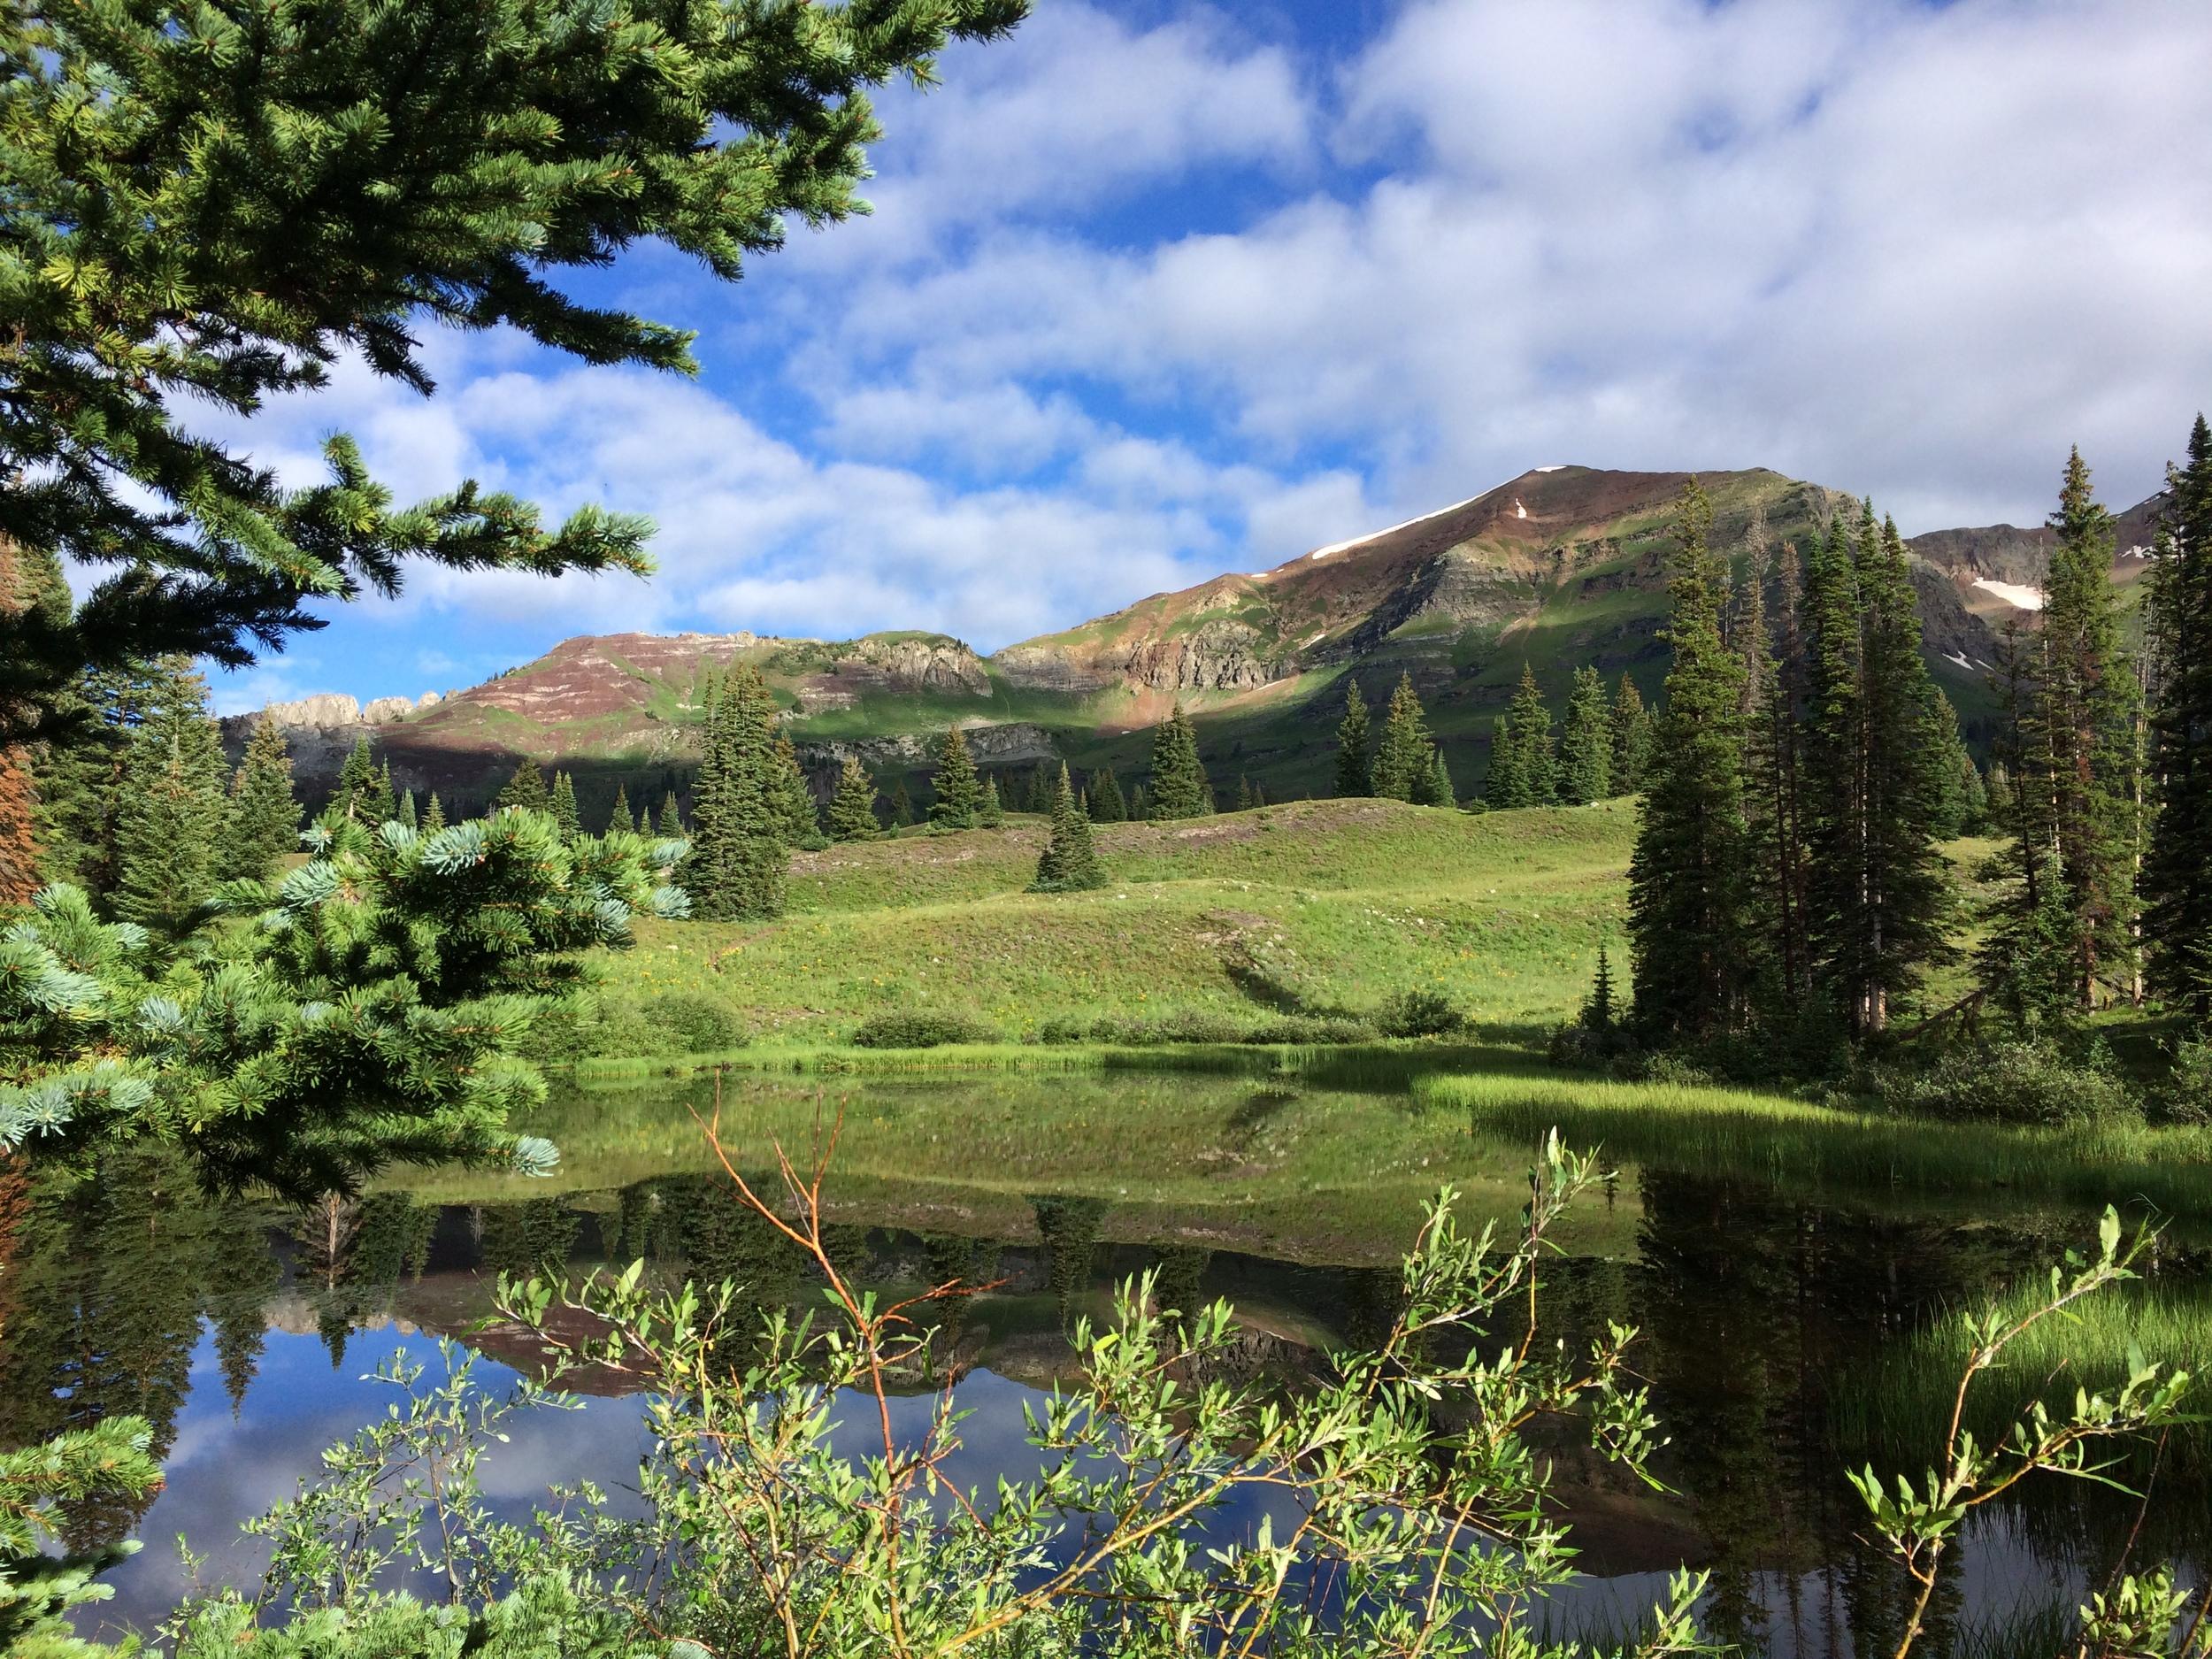 Campsite #12 Lake Irwin Colorado